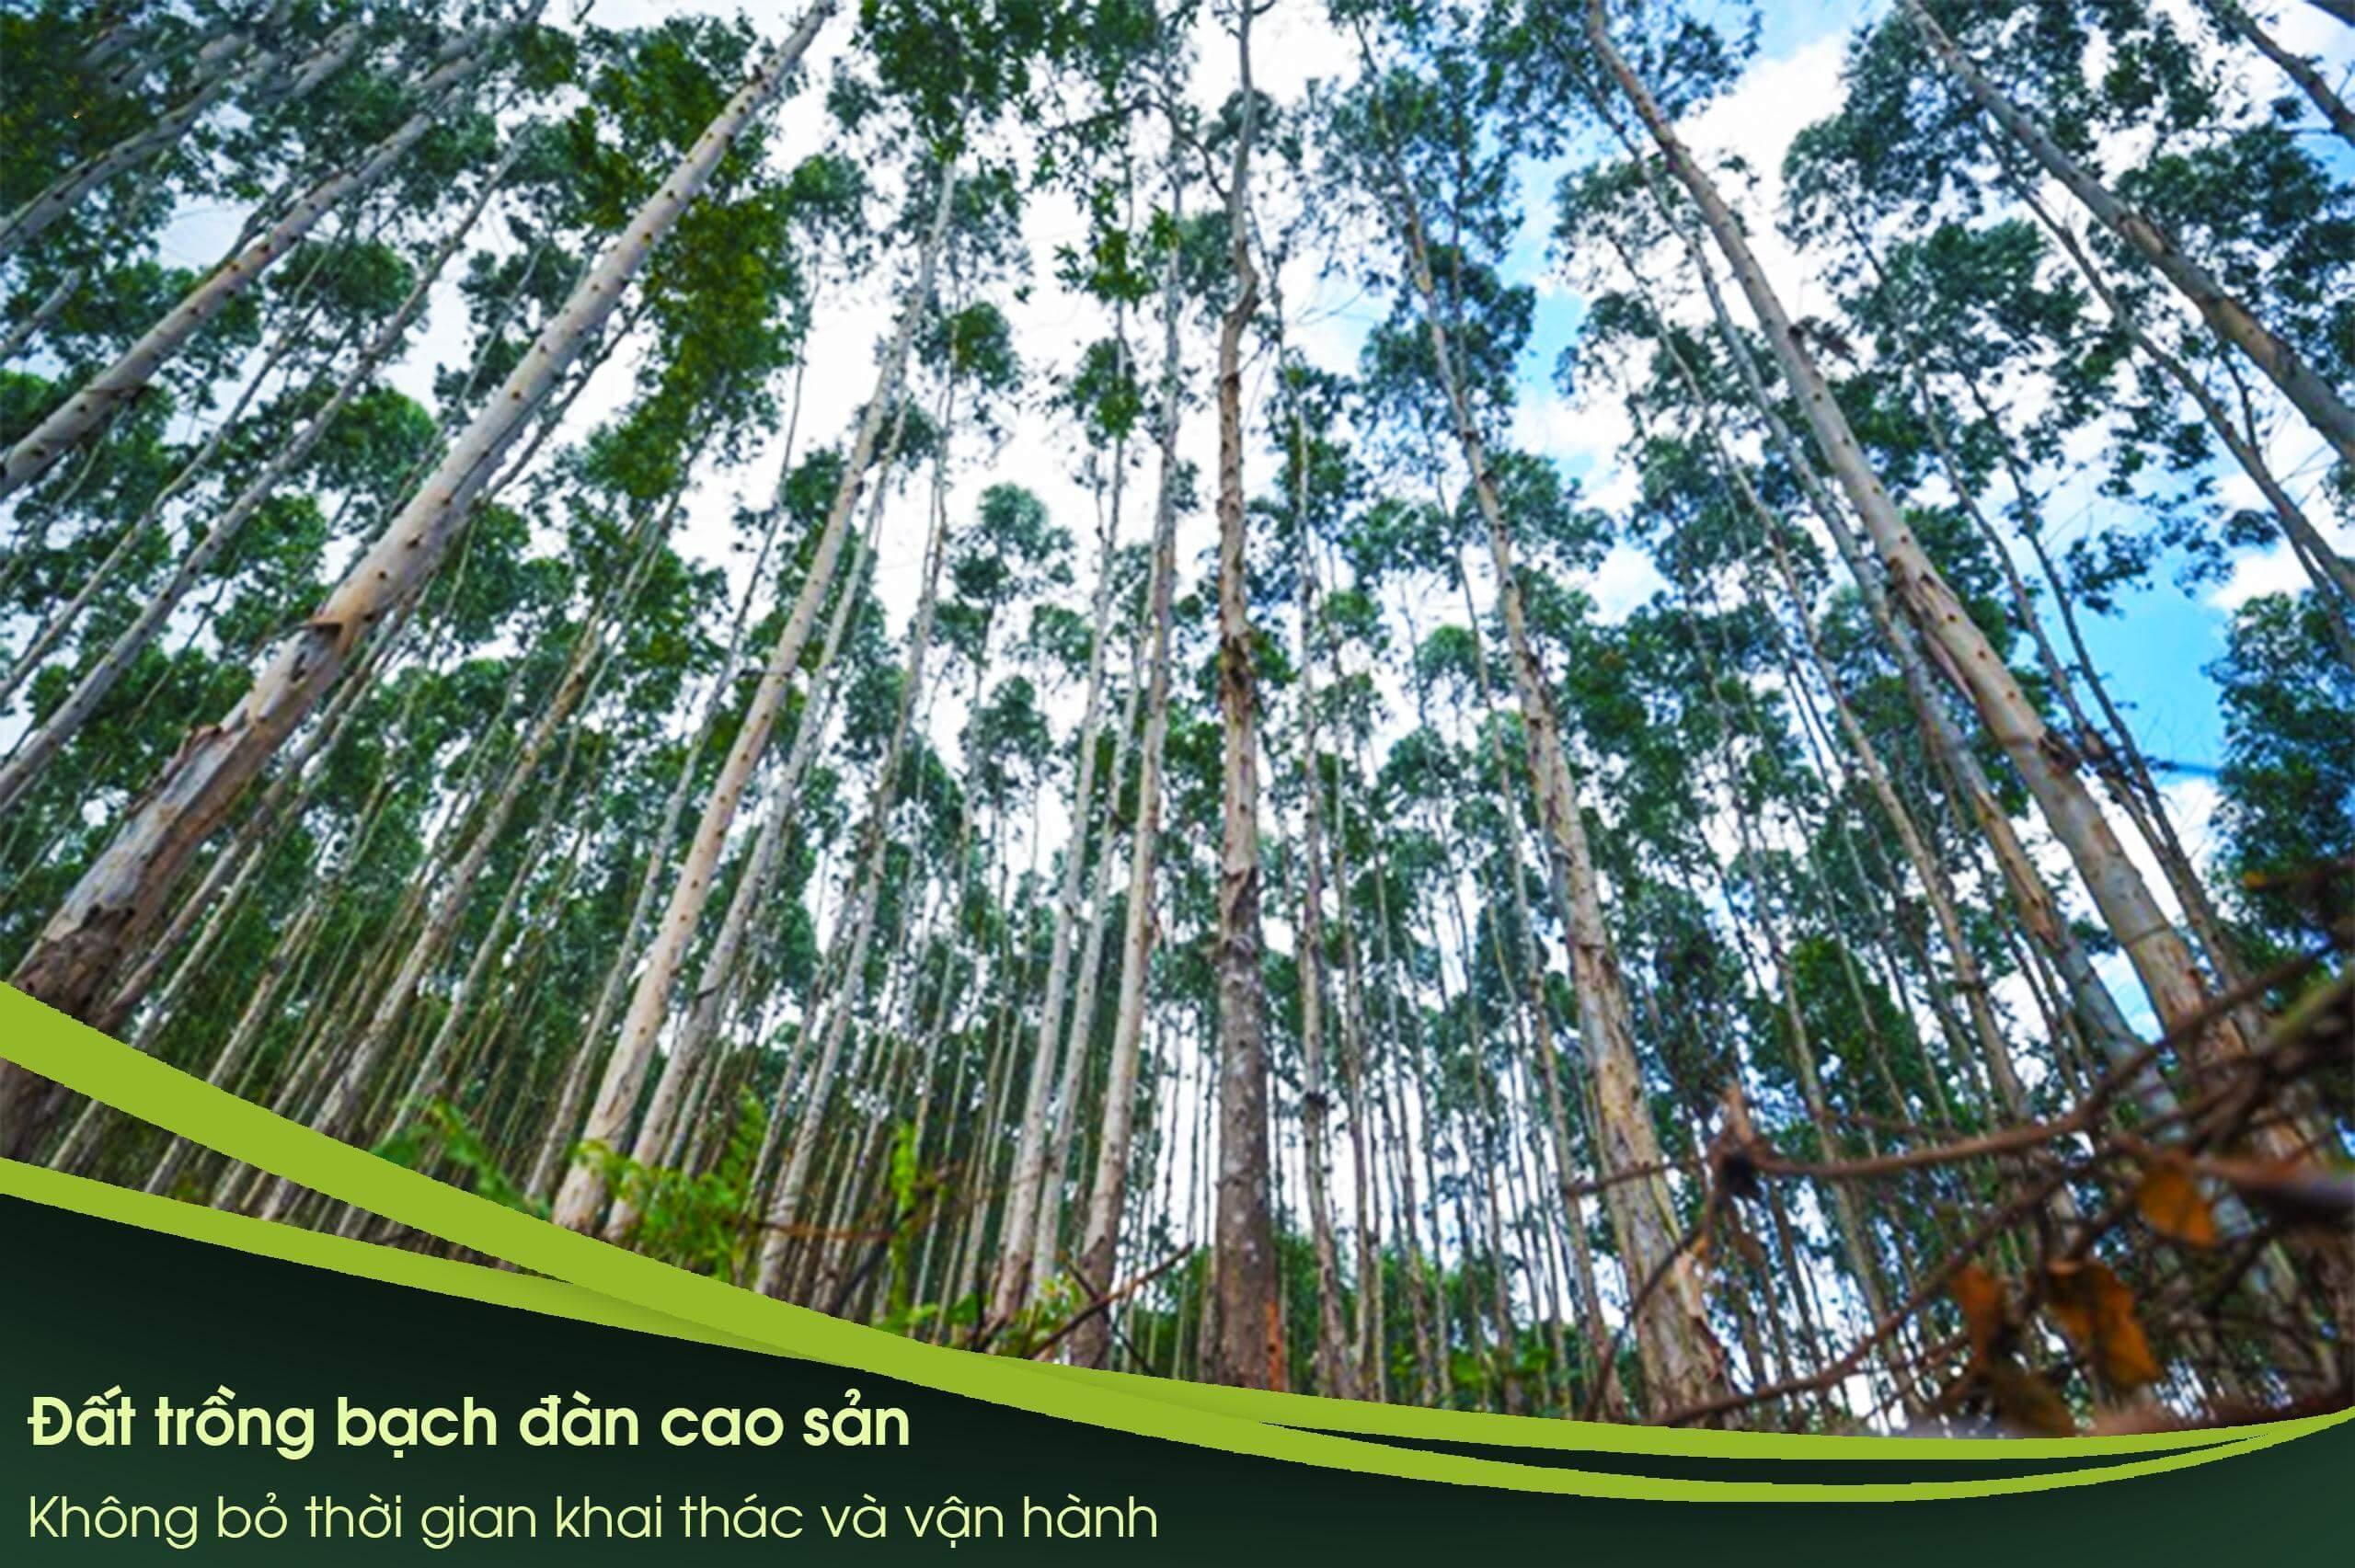 Đất rừng sản xuất trồng Bạch đàn cao sản